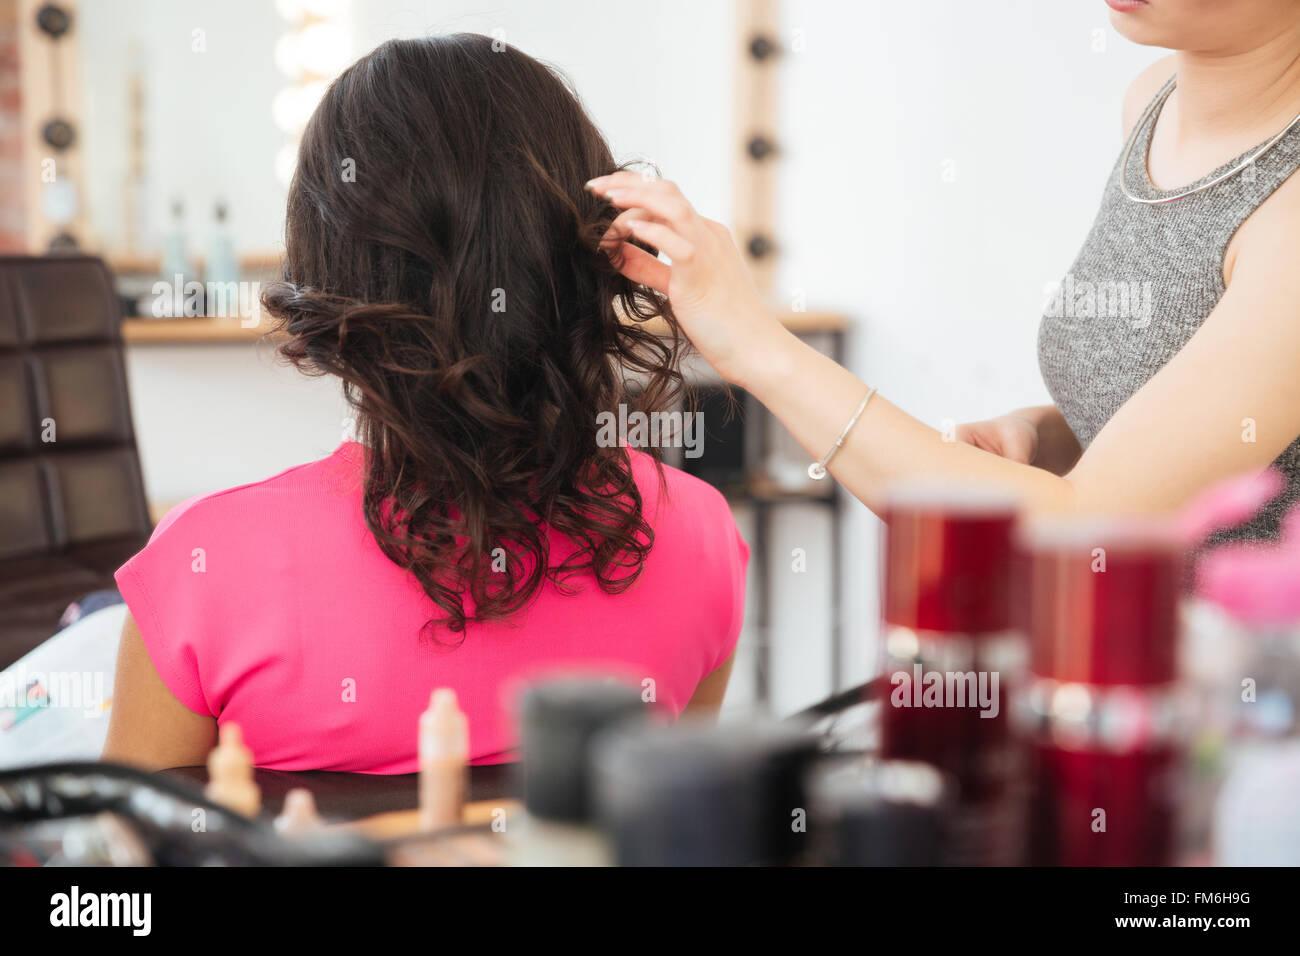 Vue arrière de la clientèle féminine avec les cheveux foncés et coiffure coiffure faire sur Photo Stock